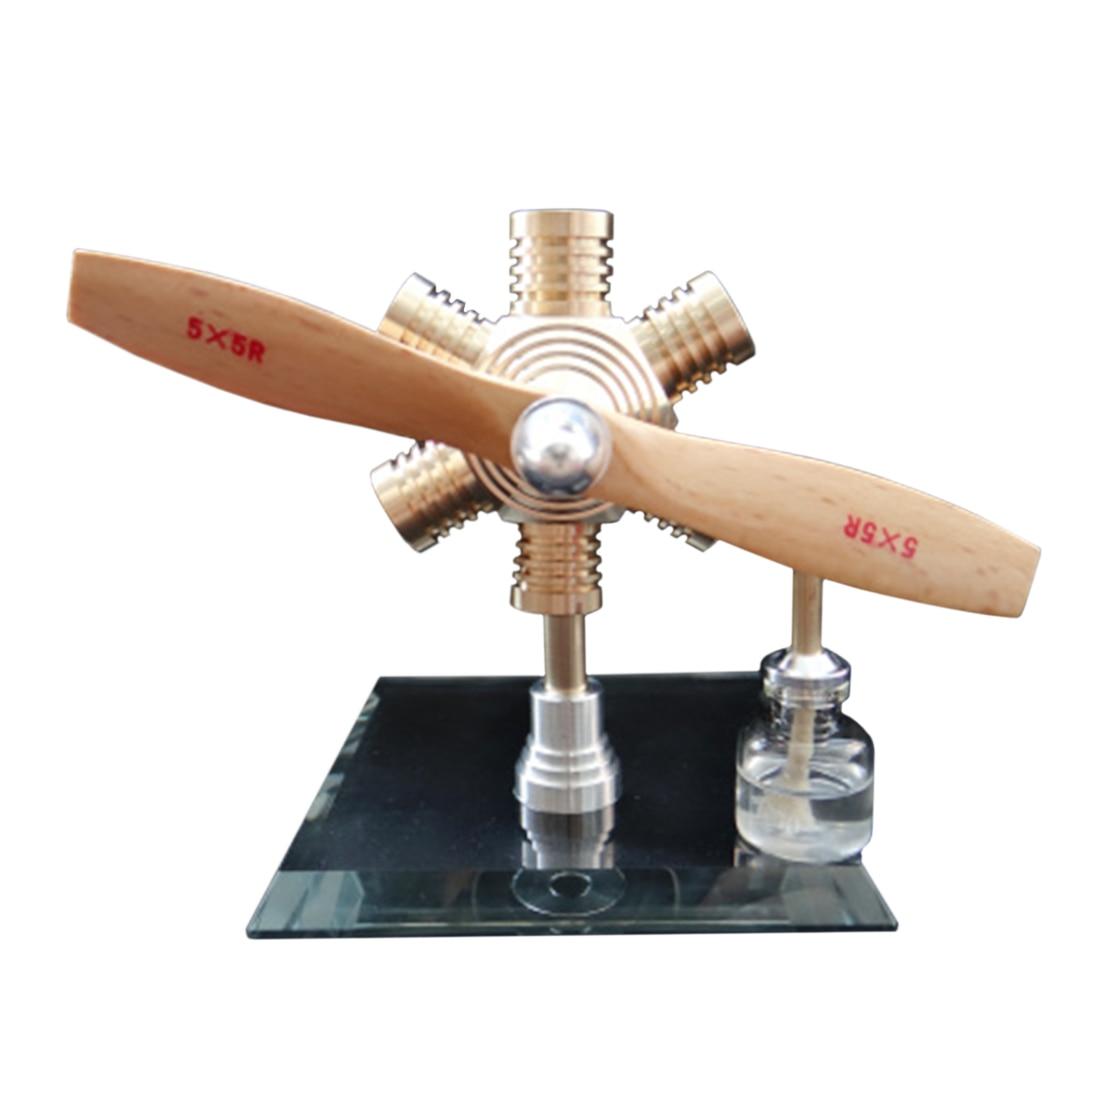 Modèle de moteur Stirling à piston libre de forme hexagonale avec hélice en bois pour enfants apprenant la Science Kit de construction de modèle 2019